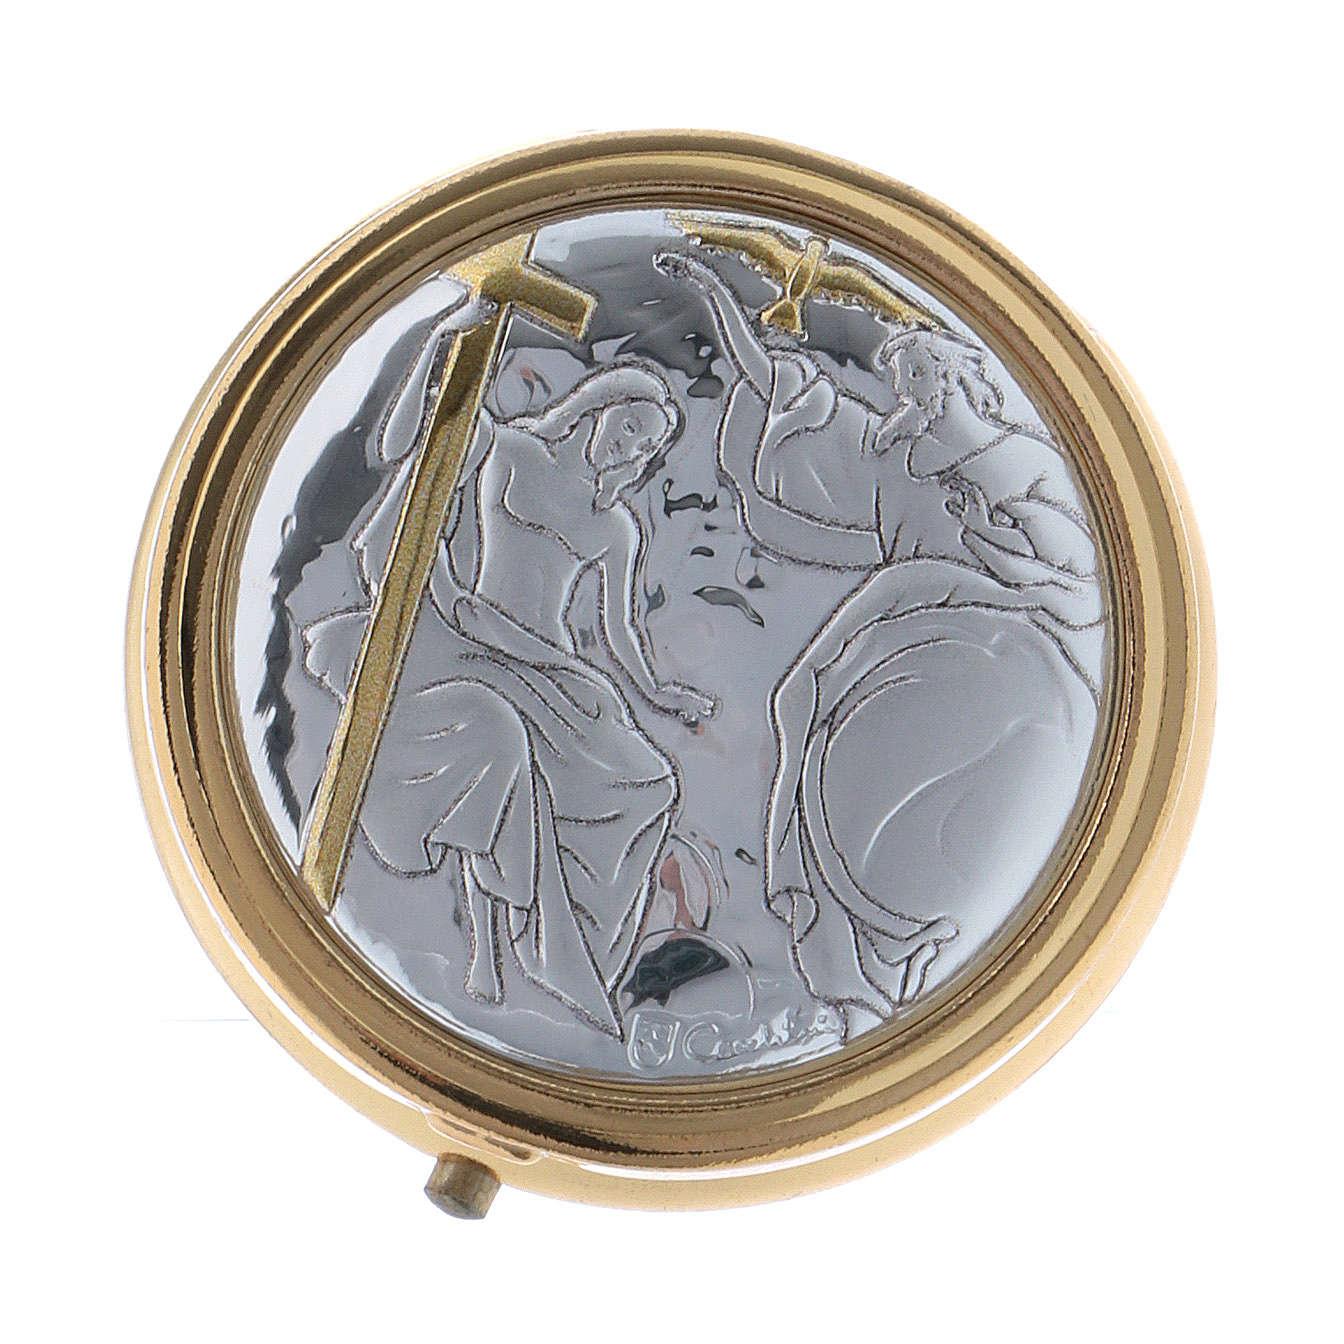 Portaostia Trinità in metallo placca alluminio 5 cm 3